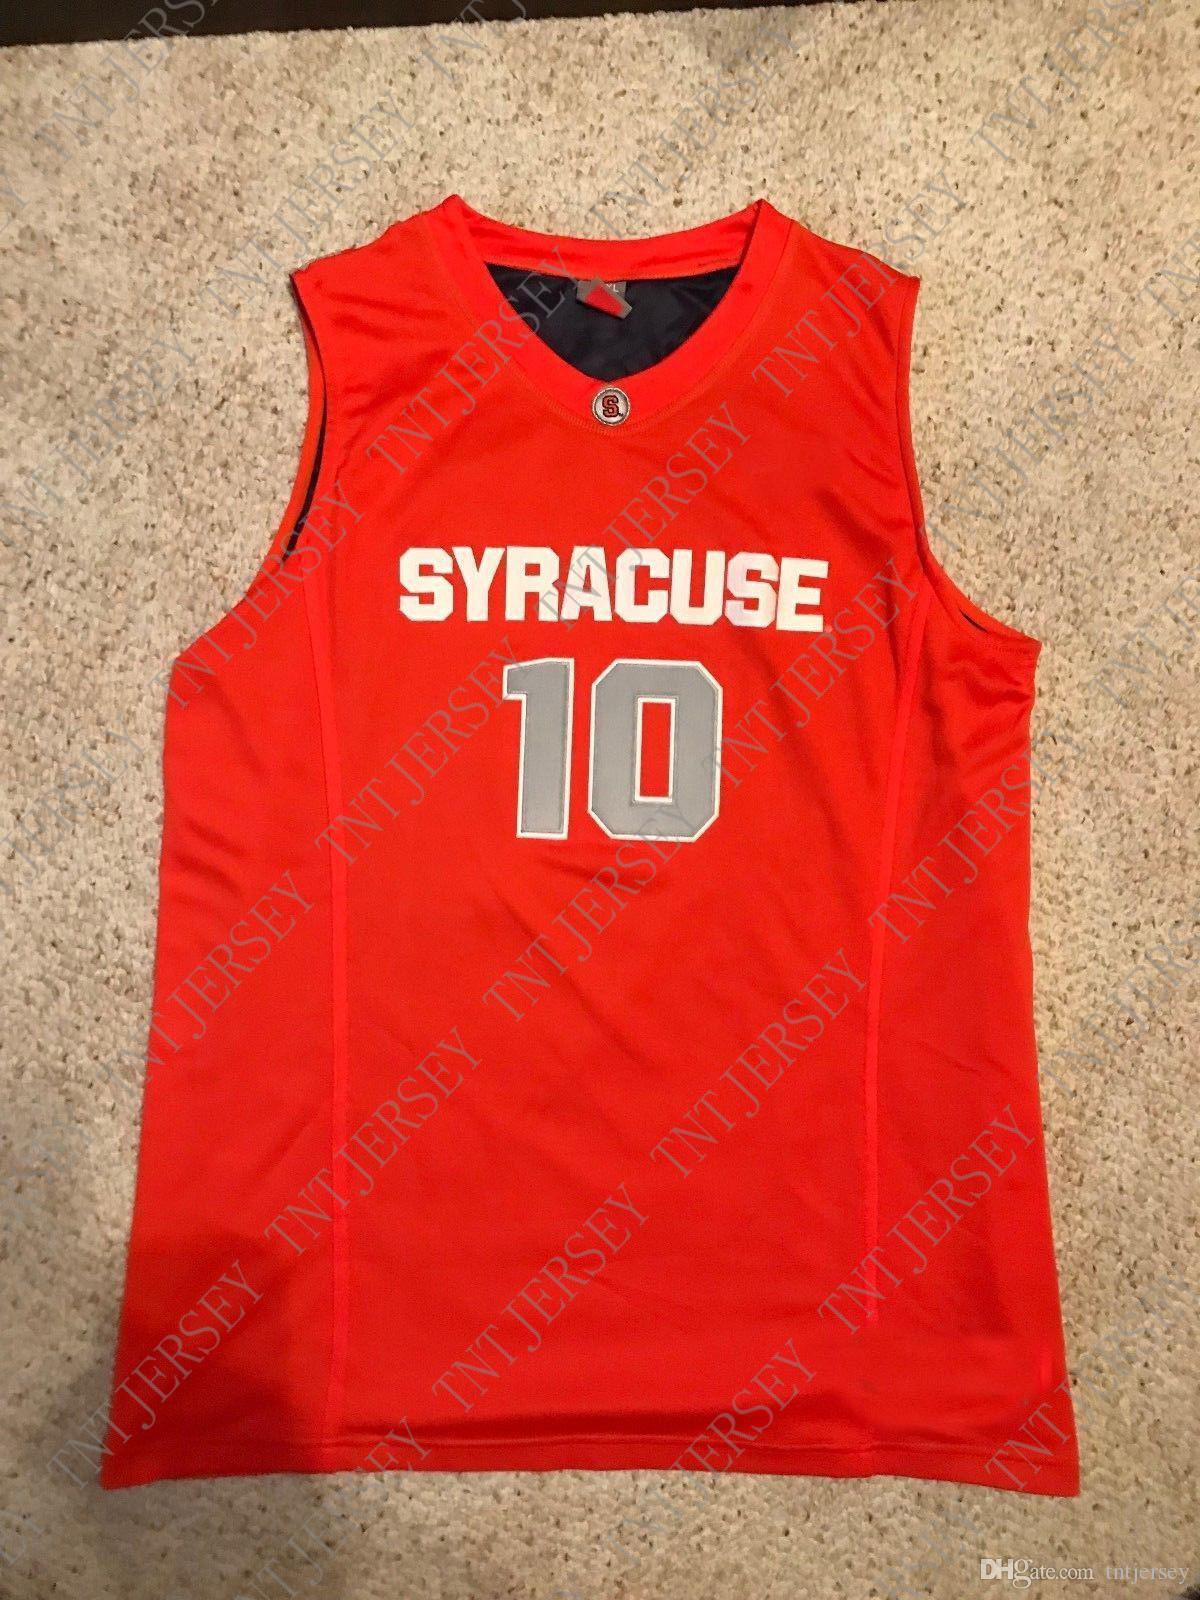 ordinazione poco costoso 2009 Syracuse Orange # 10 pallacanestro Jersey Jonny Flynn CUCITO cucita Personalizza qualsiasi nome numero UOMINI DONNE GIOVANI XS-5XL